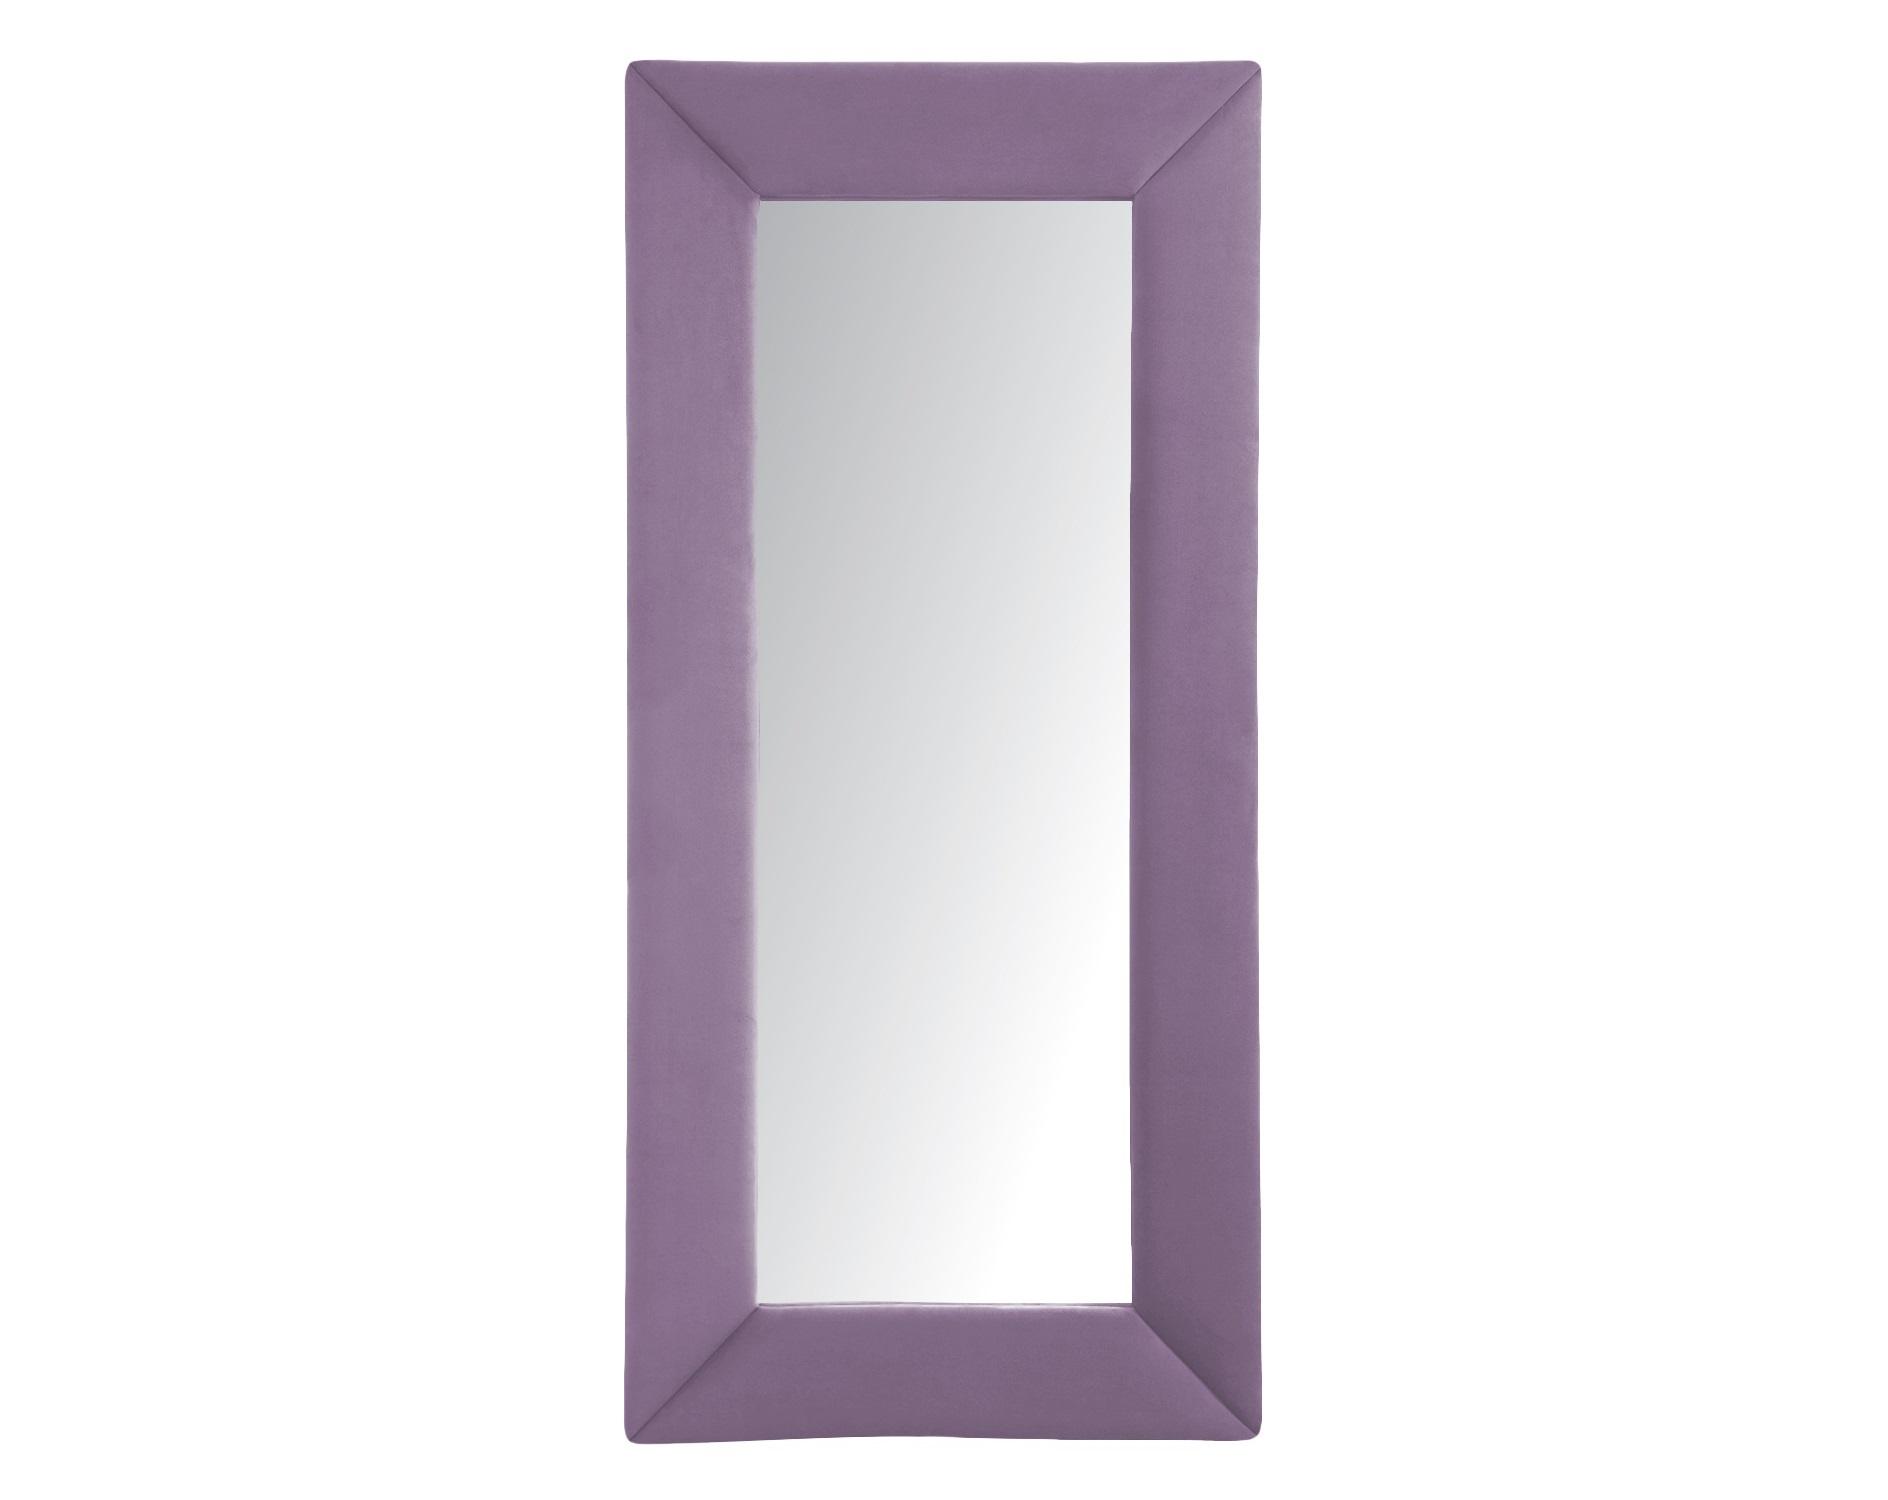 Зеркало напольноеНастенные зеркала<br>Зеркала являются незаменимыми элементами декора или элементами интерьера. Большие зеркала способны создавать причудливые эффекты: зритель увеличивать комнату, создавать иллюзию удлиненной комнаты, углублять ниши. Зеркало в полный рост, имеет, также, практическое применение. Чтобы разобраться, где такие зеркала будут смотреться лучше всего, следует рассмотреть все варианты.<br><br>Material: Дерево<br>Length см: None<br>Width см: 83<br>Depth см: 5<br>Height см: 175